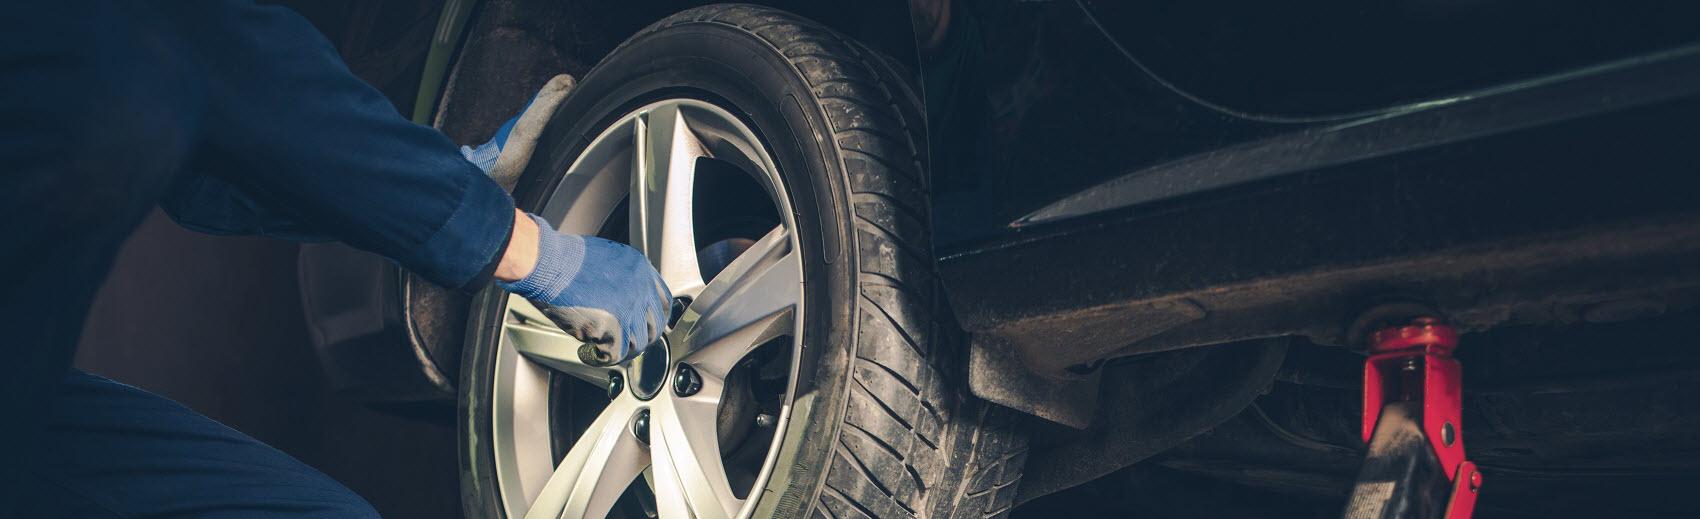 Tire Center | Waycross, GA